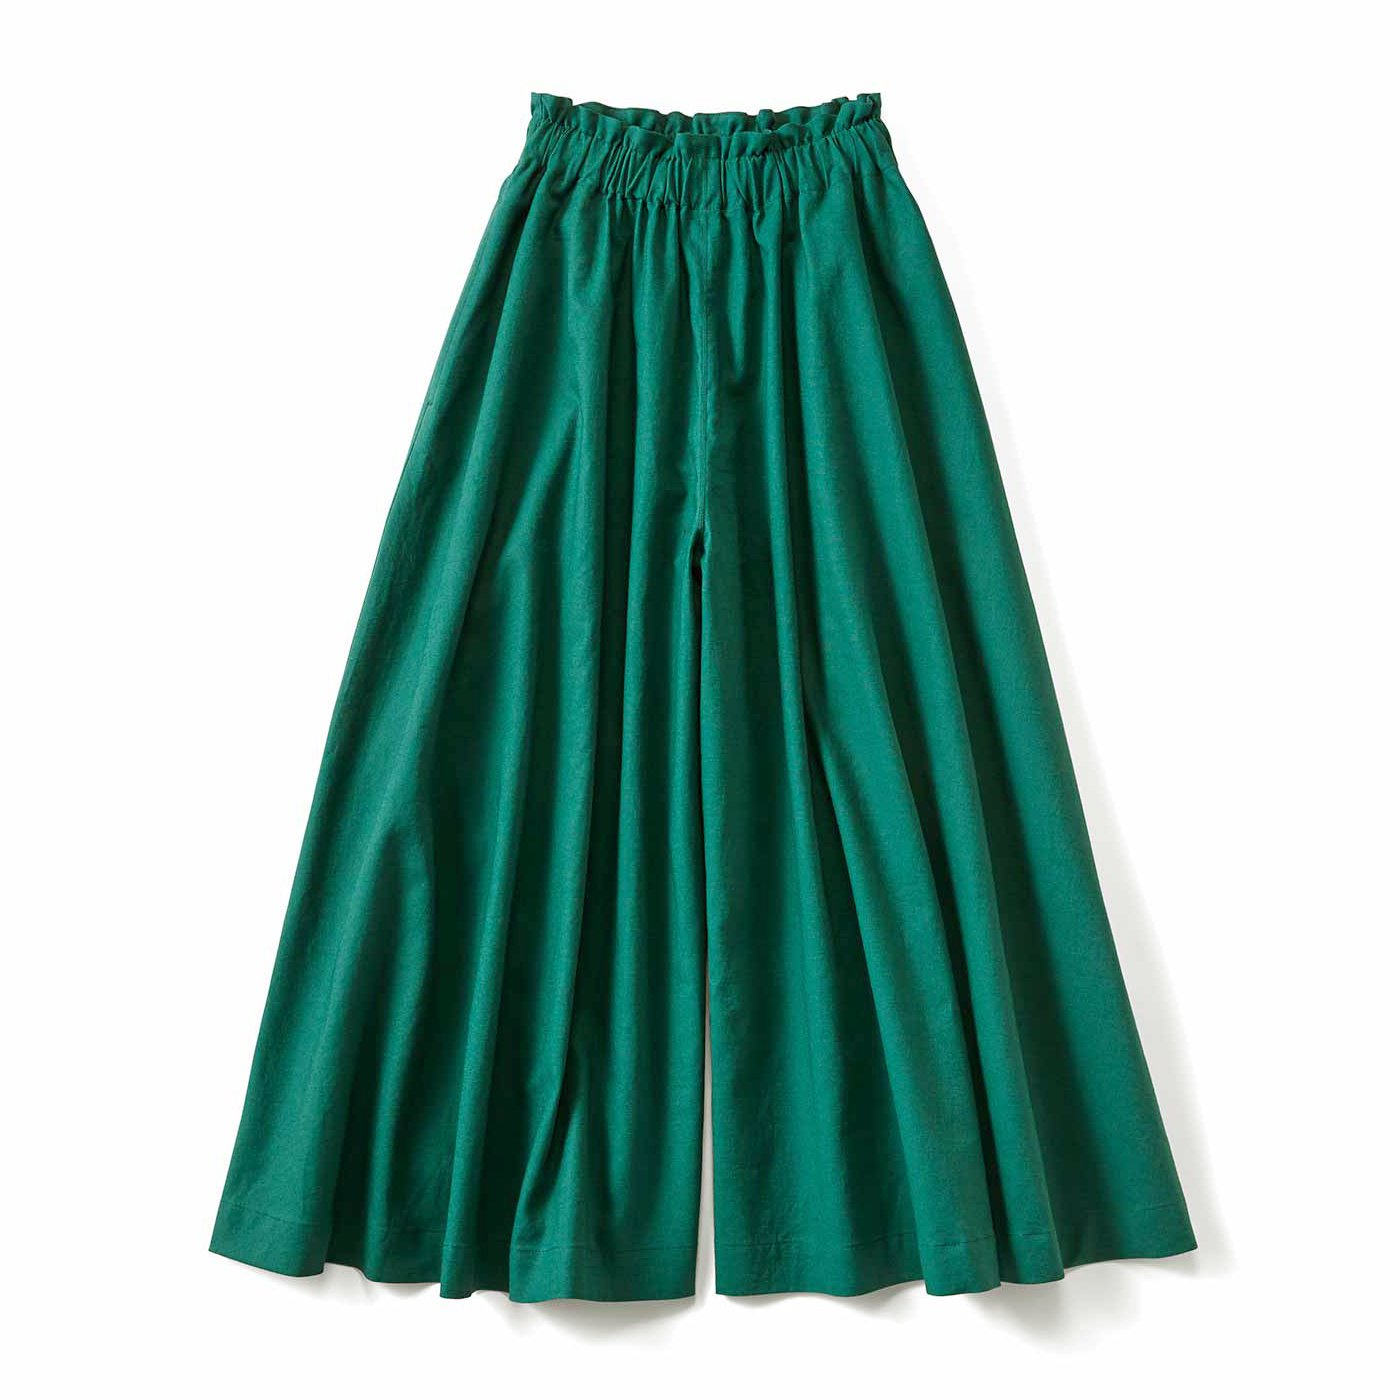 スカートみたいな ちょい厚コットンリネンのボリュームガウチョパンツ〈フォレストグリーン〉